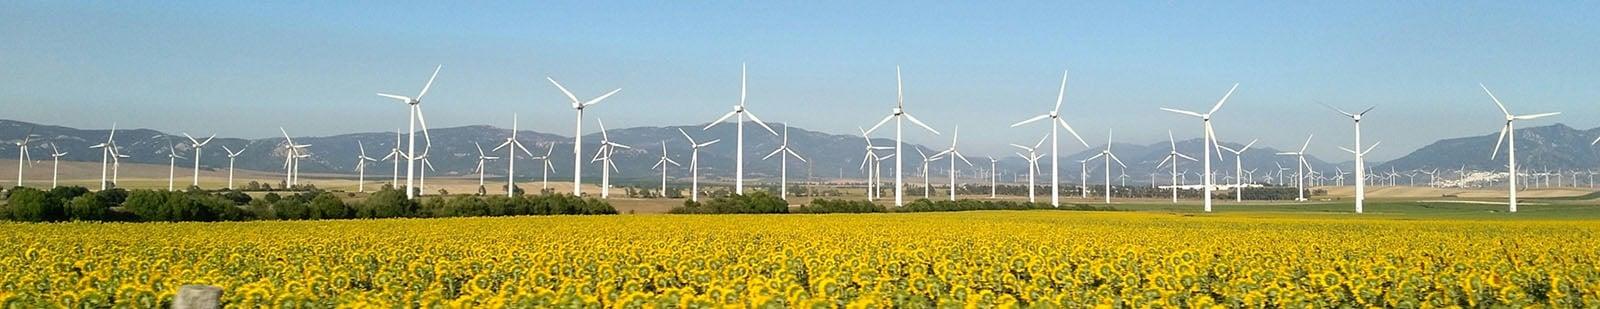 Renewable energy windmills